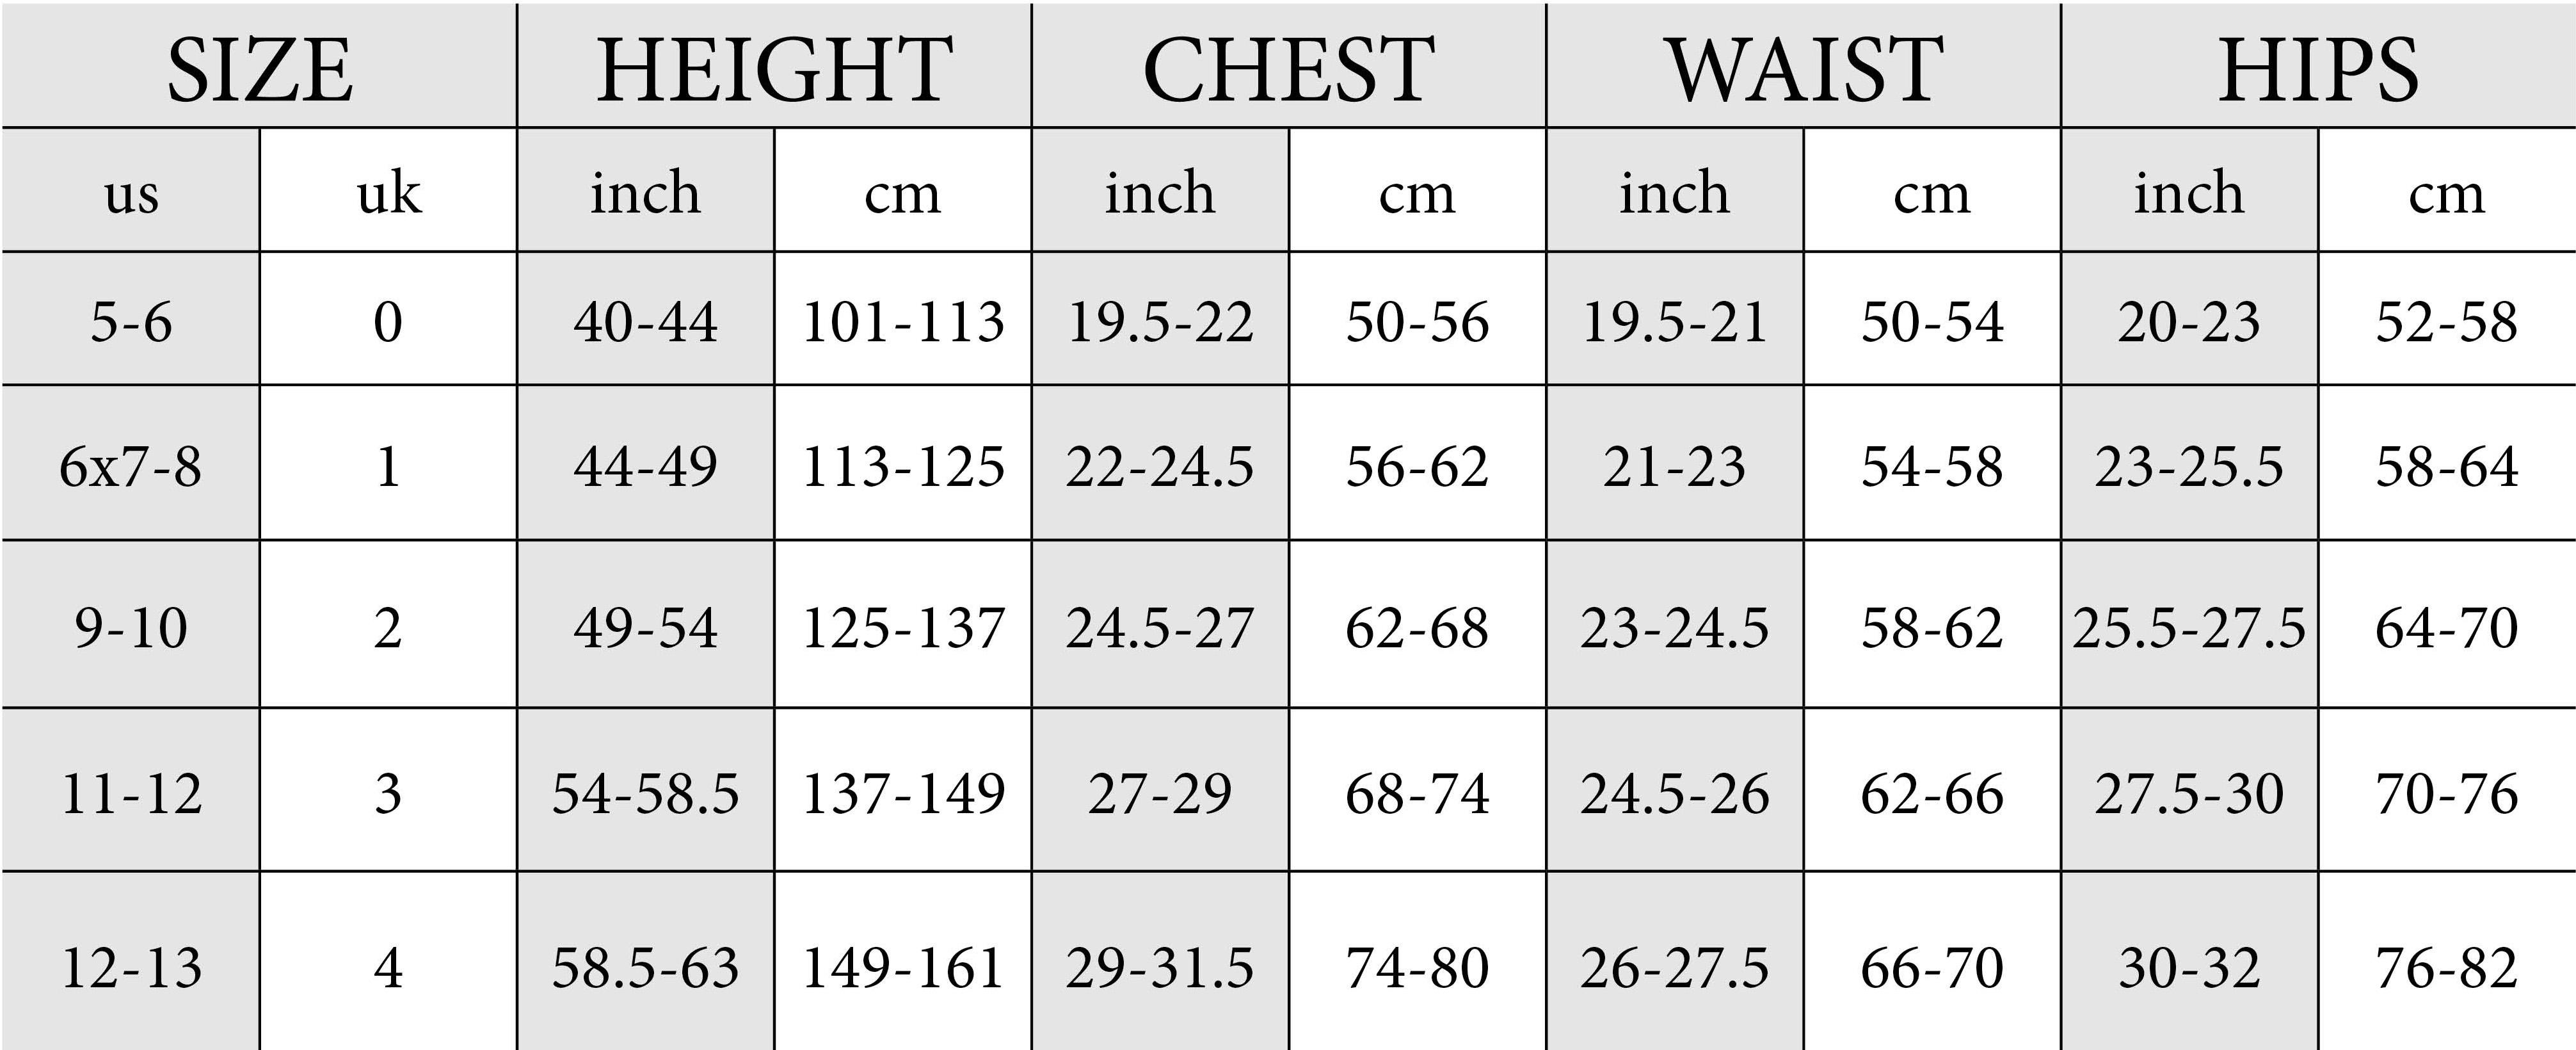 girls size guide chart zoe alexander